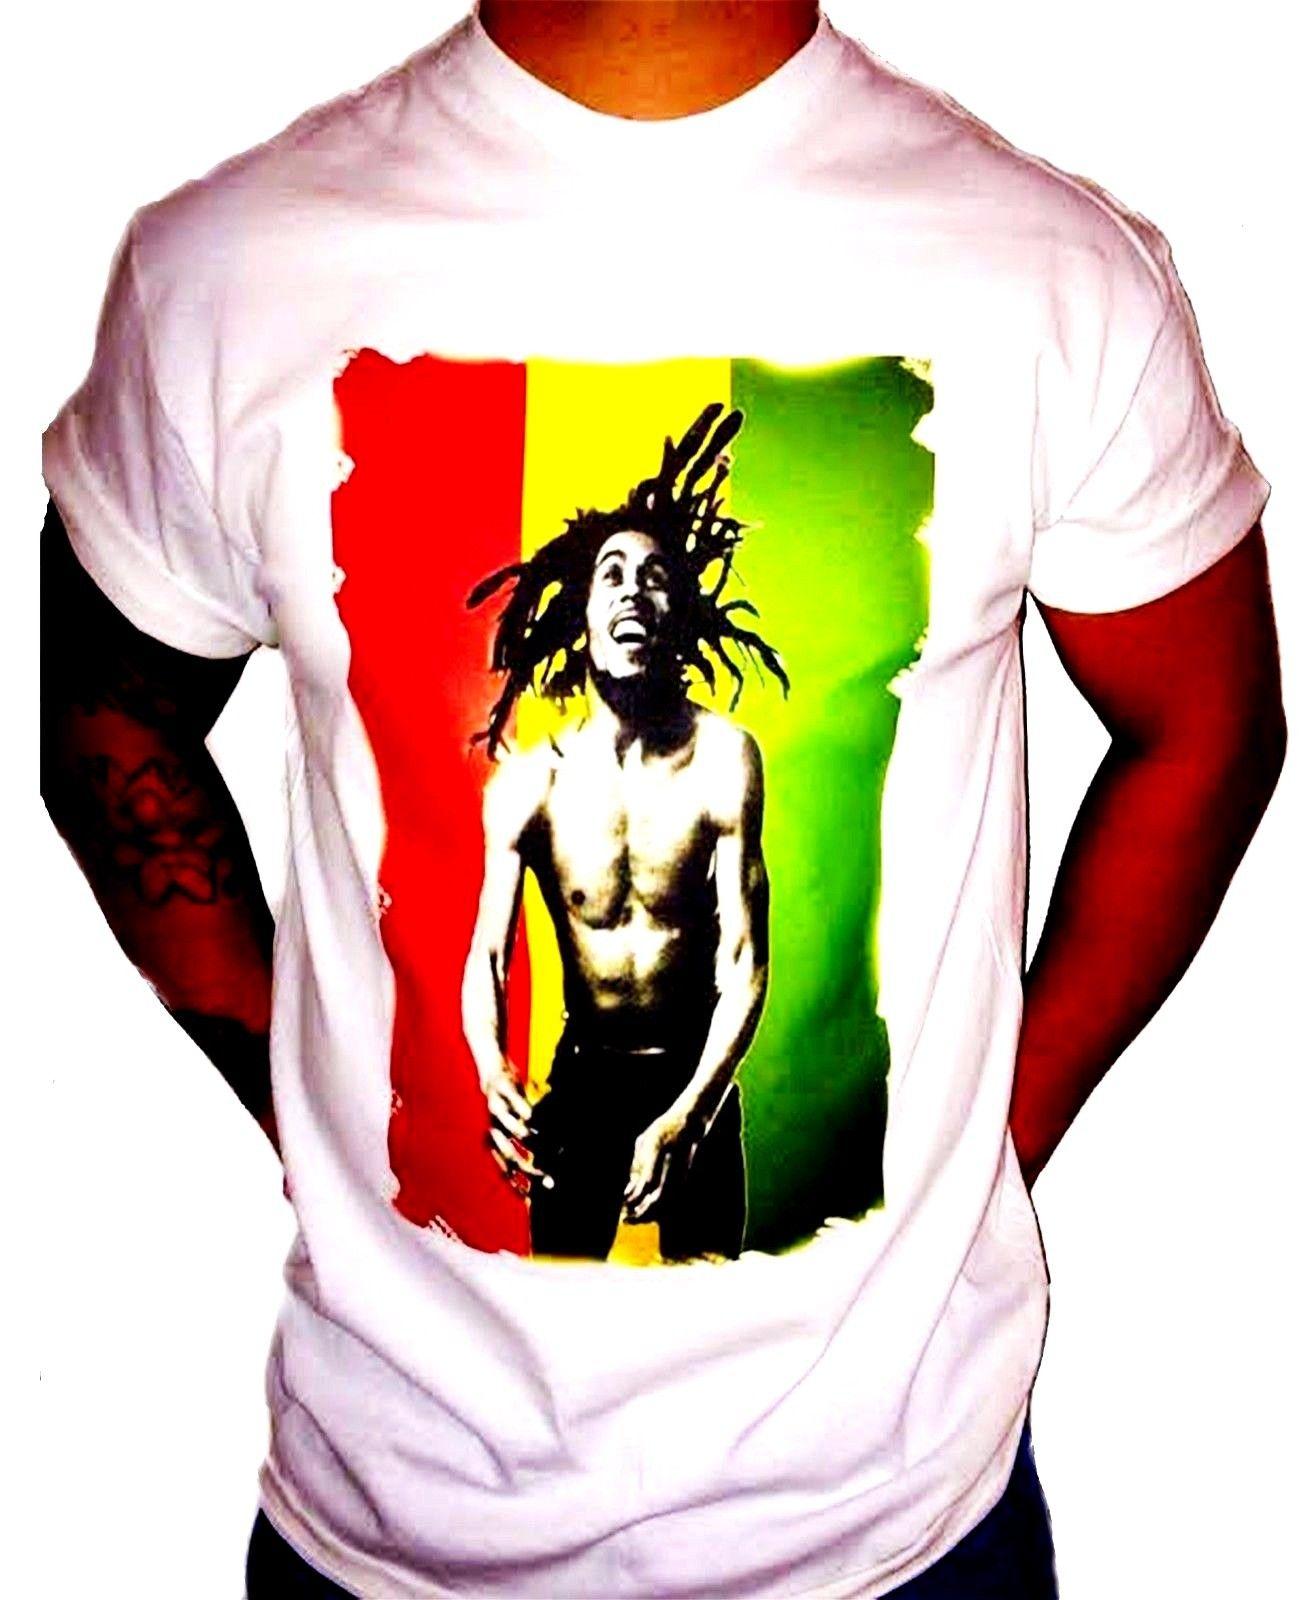 T-shirts Tops & Tees Hot Bob Marley White Graphics T Shirt Regular-fit Tee At Any Cost